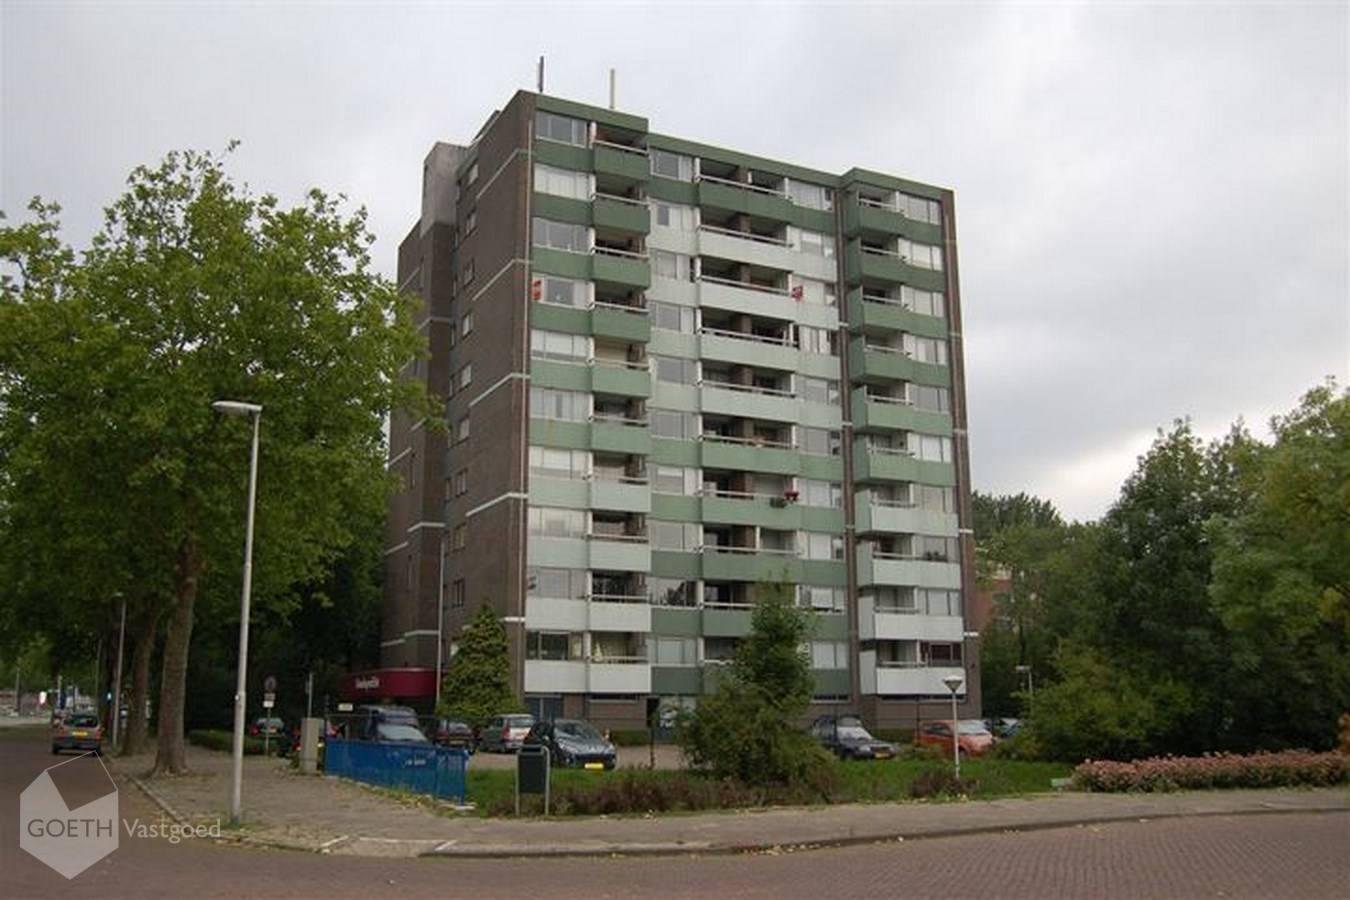 Limburglaan, Eindhoven